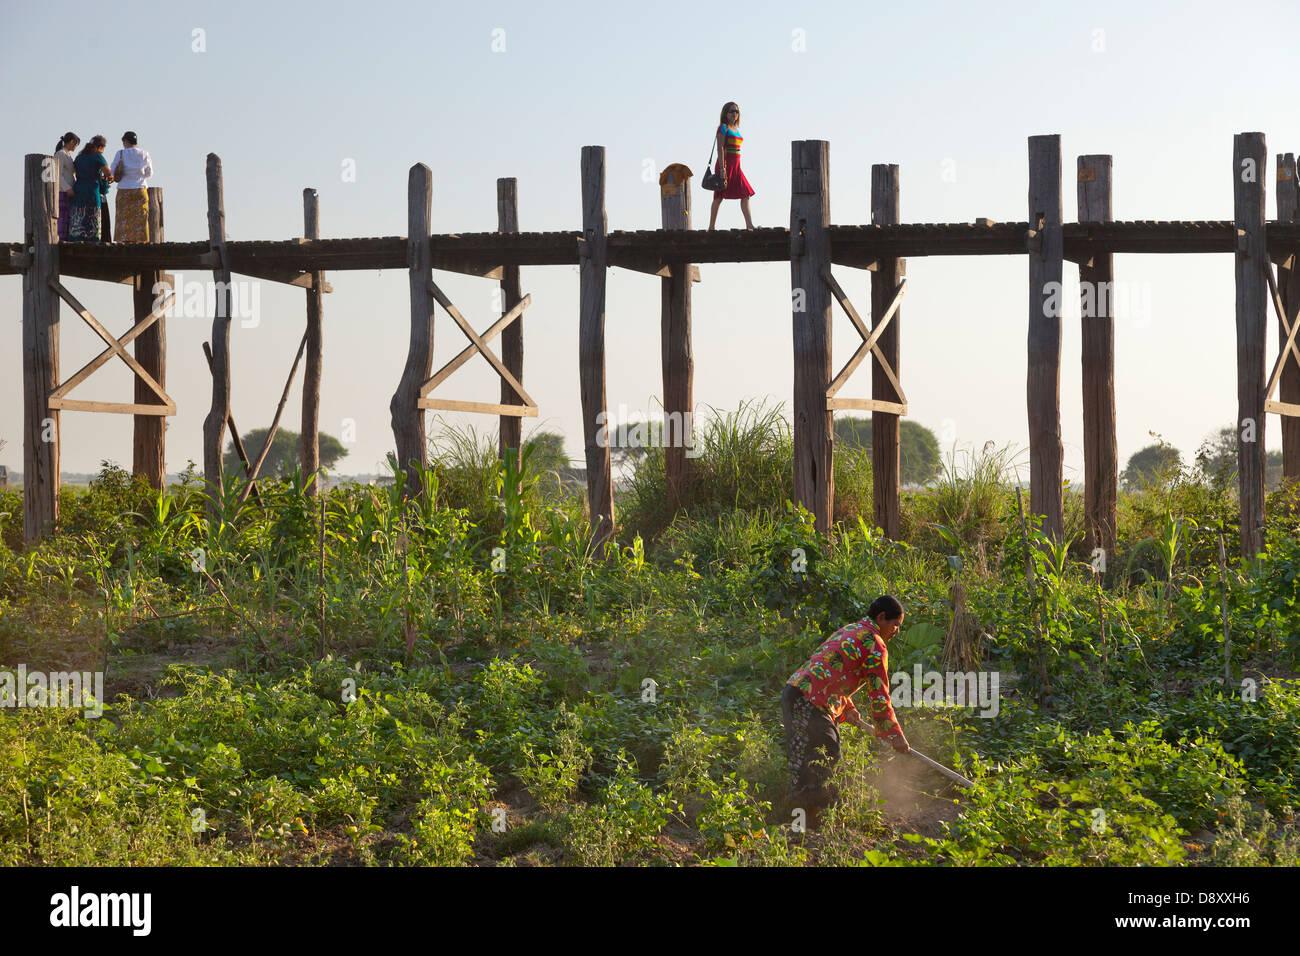 Gut gekleidete Frau Crossing U Bein Teakholz Brücke über den Taungthaman See, Myanmar, mit Landwirt schuften Stockbild